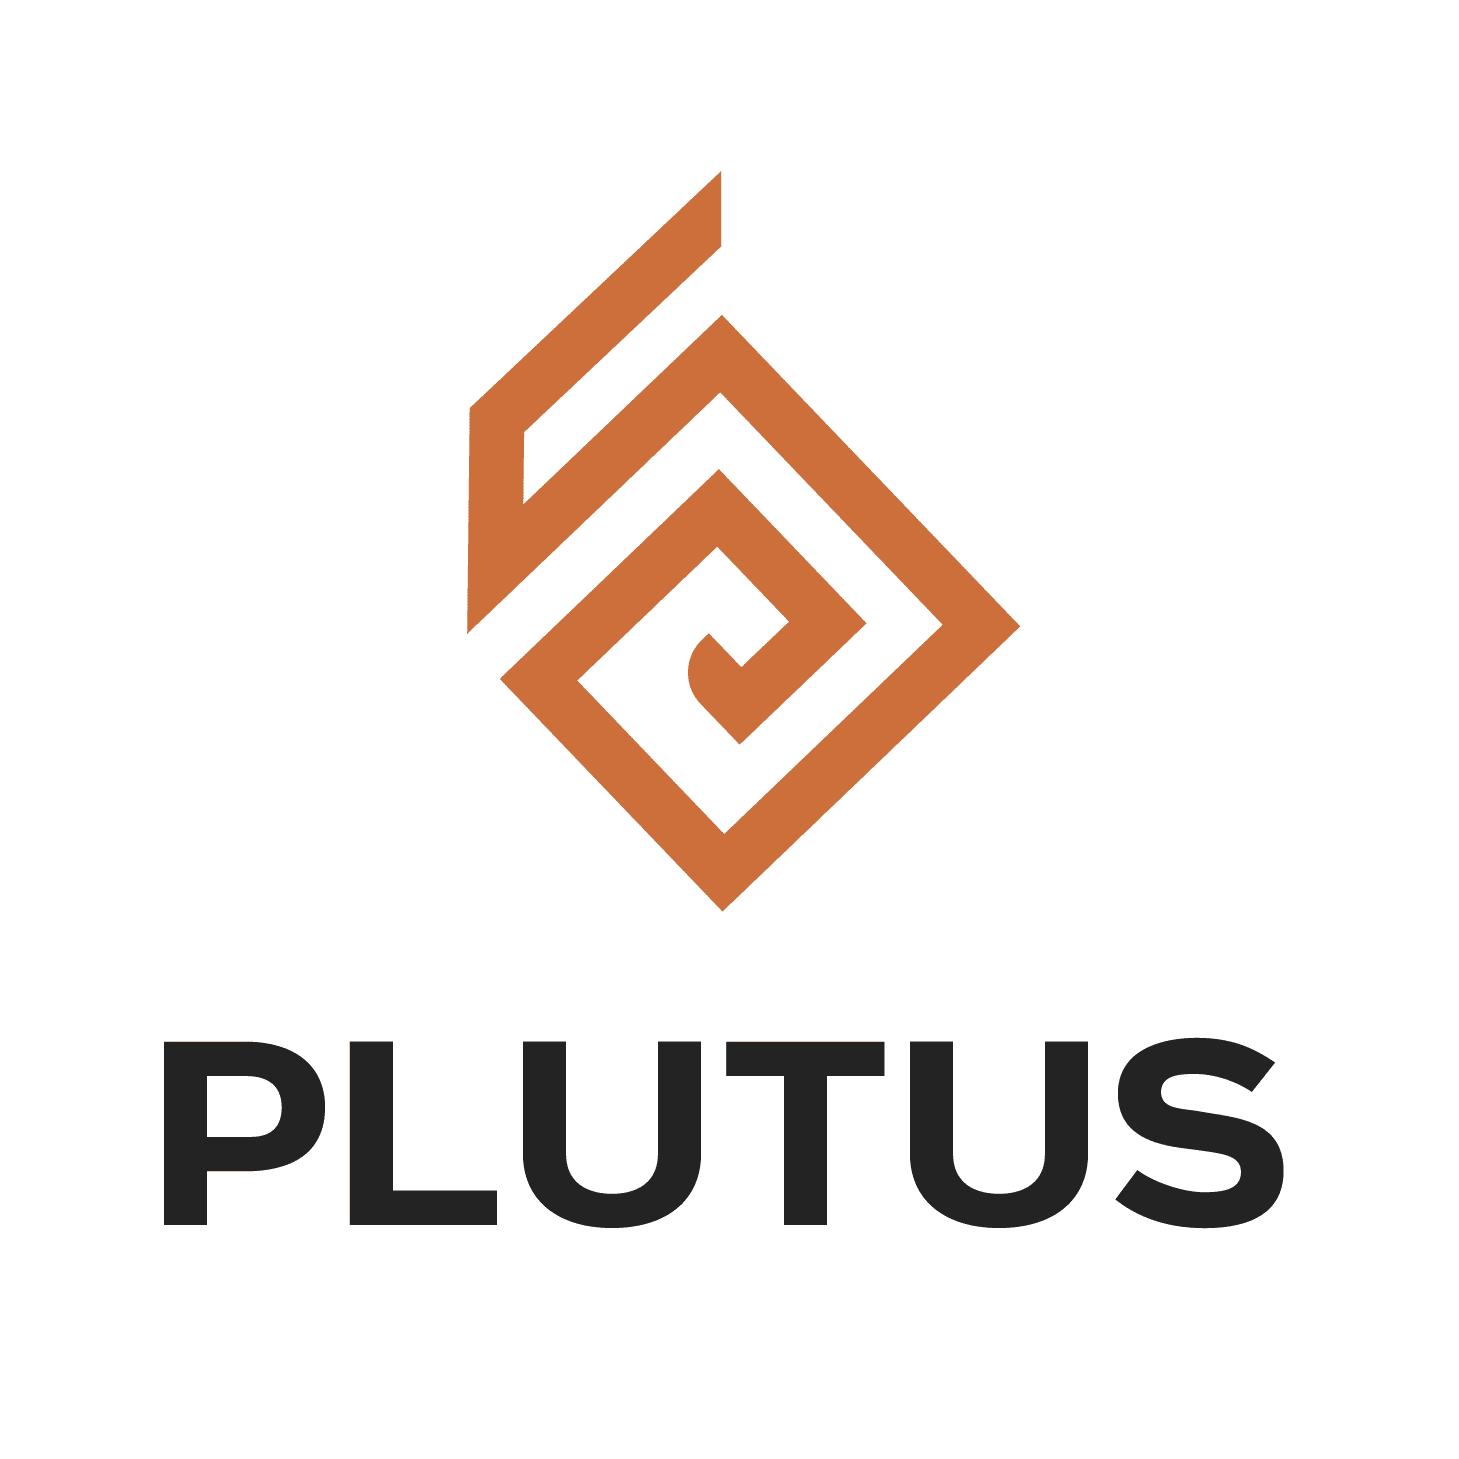 Logos=Branding-03